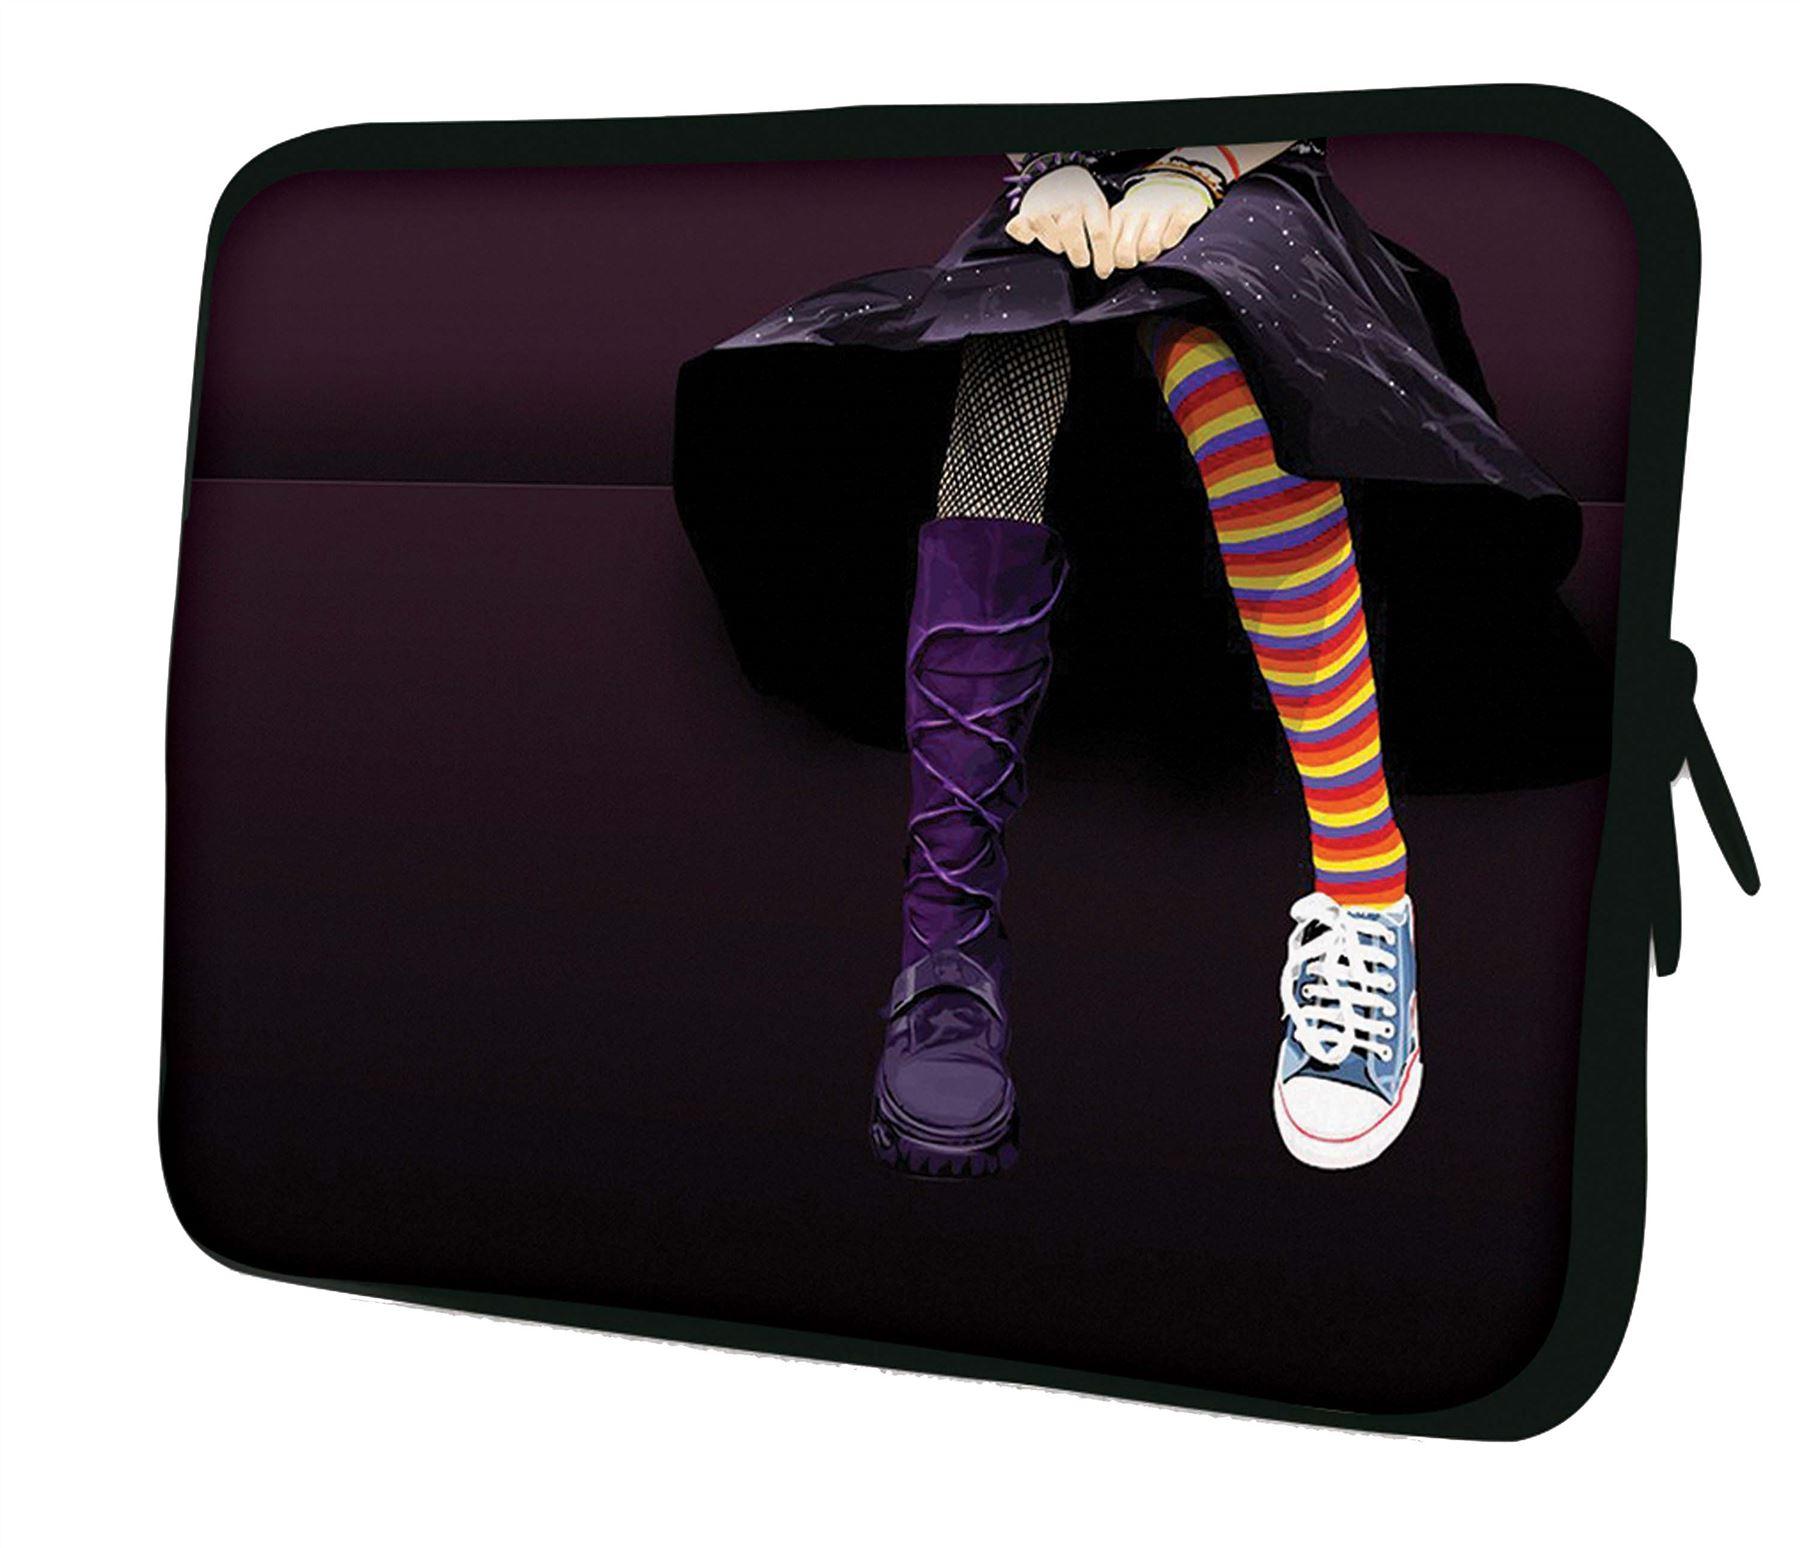 housse de protection en n opr ne pour ordinateur portable de luxburg 10 17 3 ebay. Black Bedroom Furniture Sets. Home Design Ideas